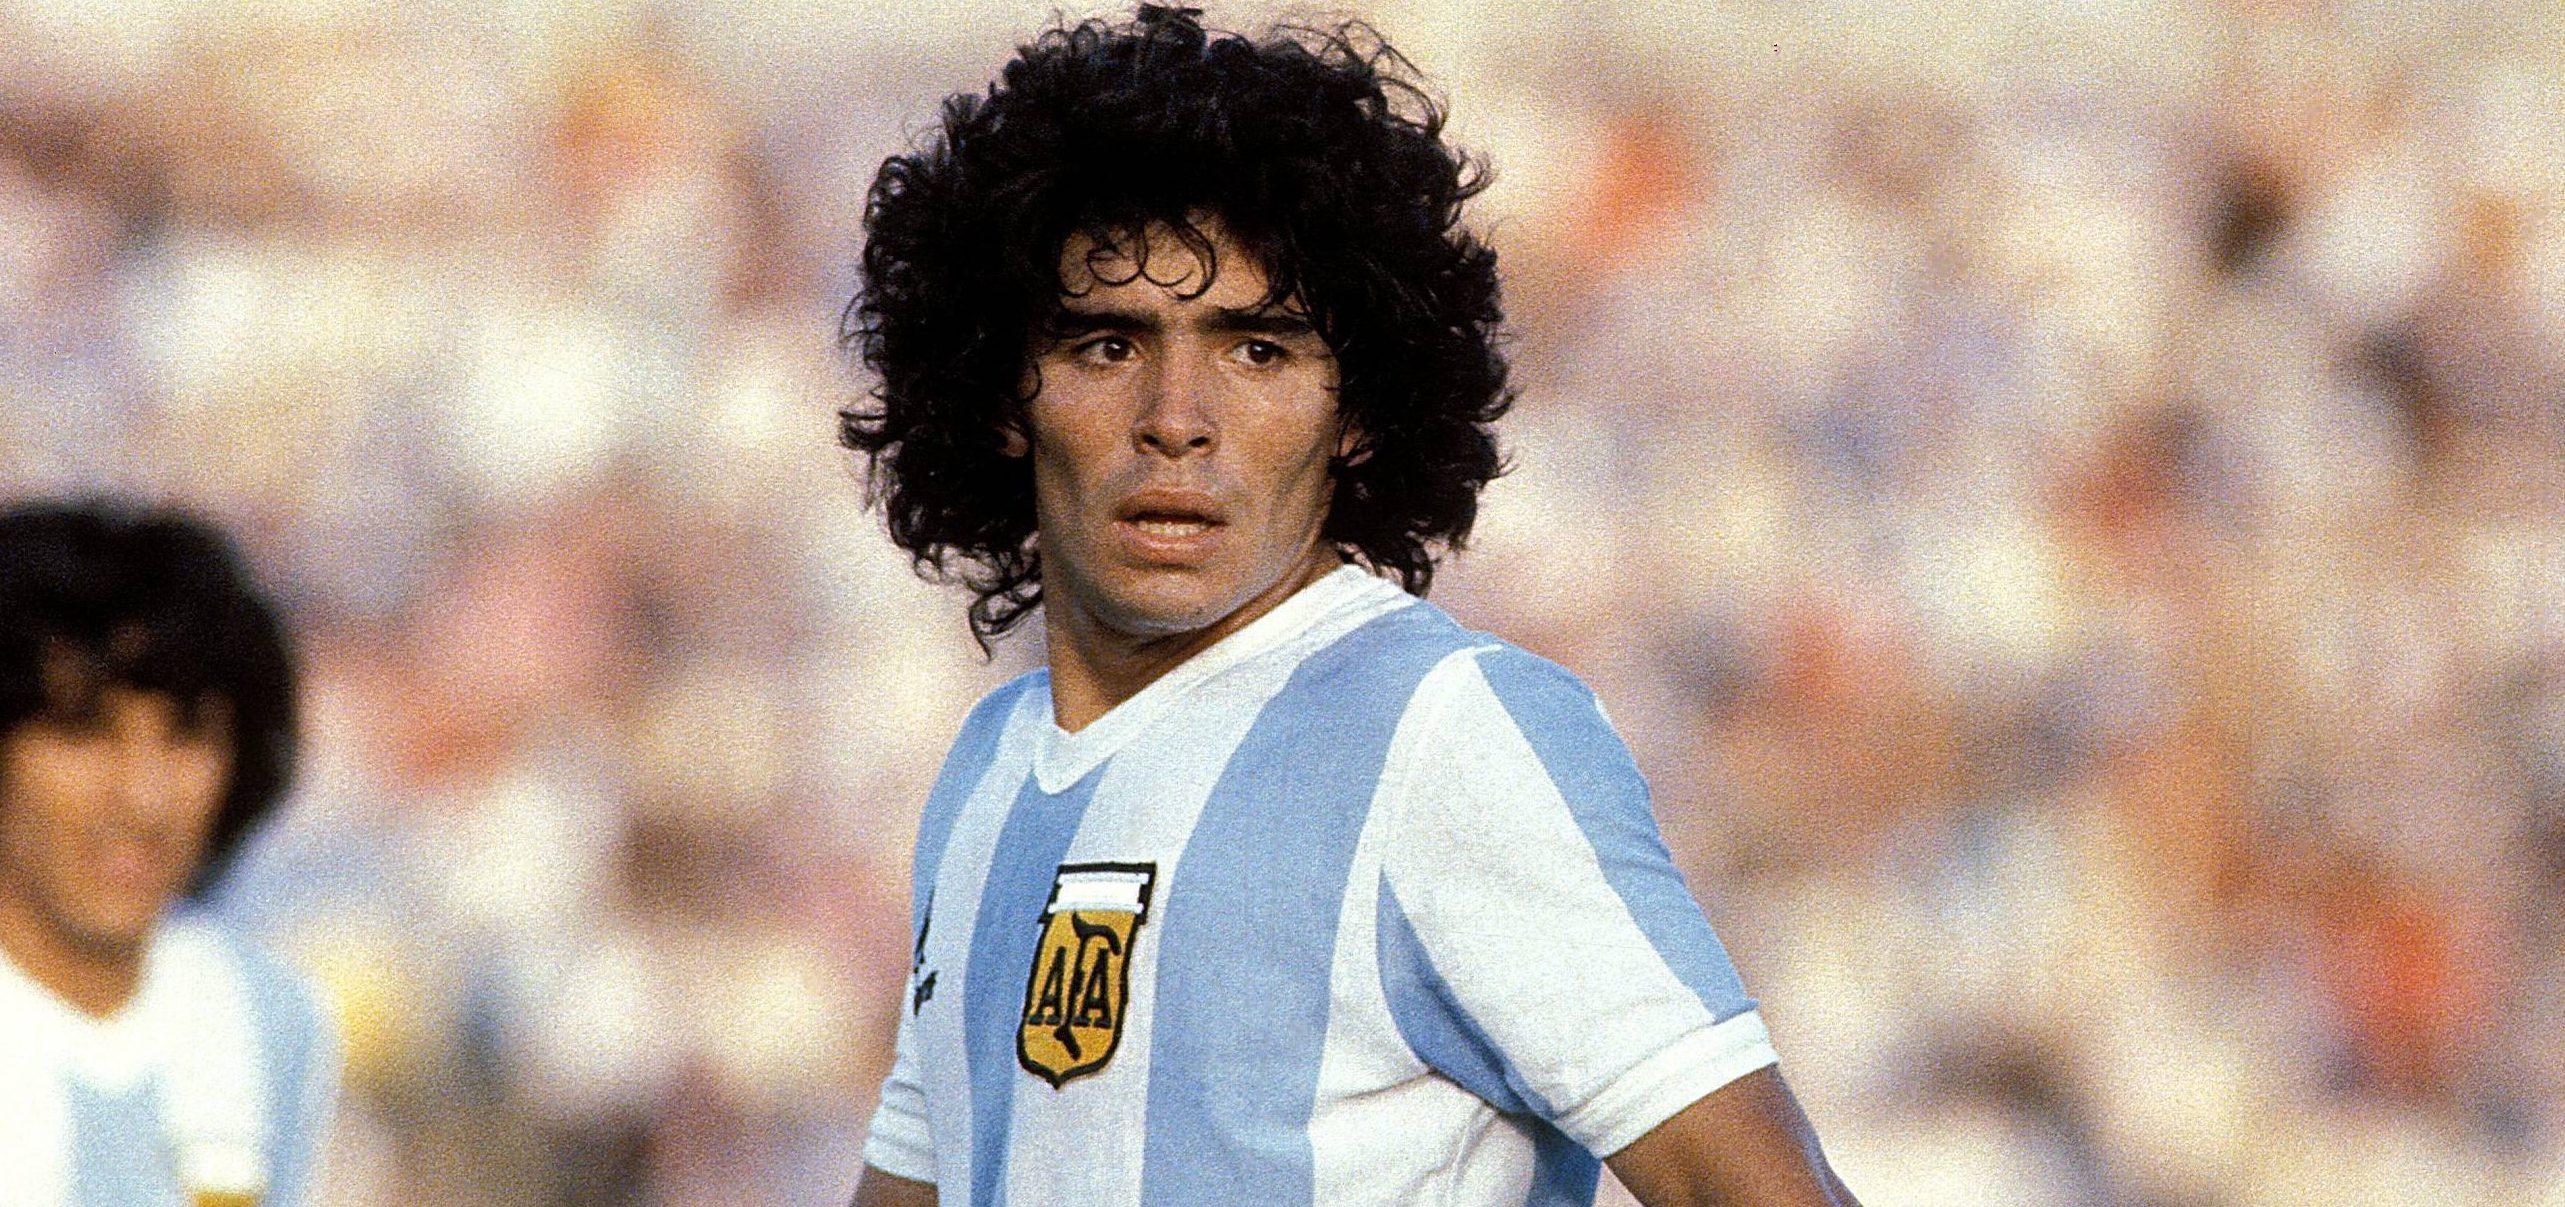 Diego Maradona – reluctantly, we worship